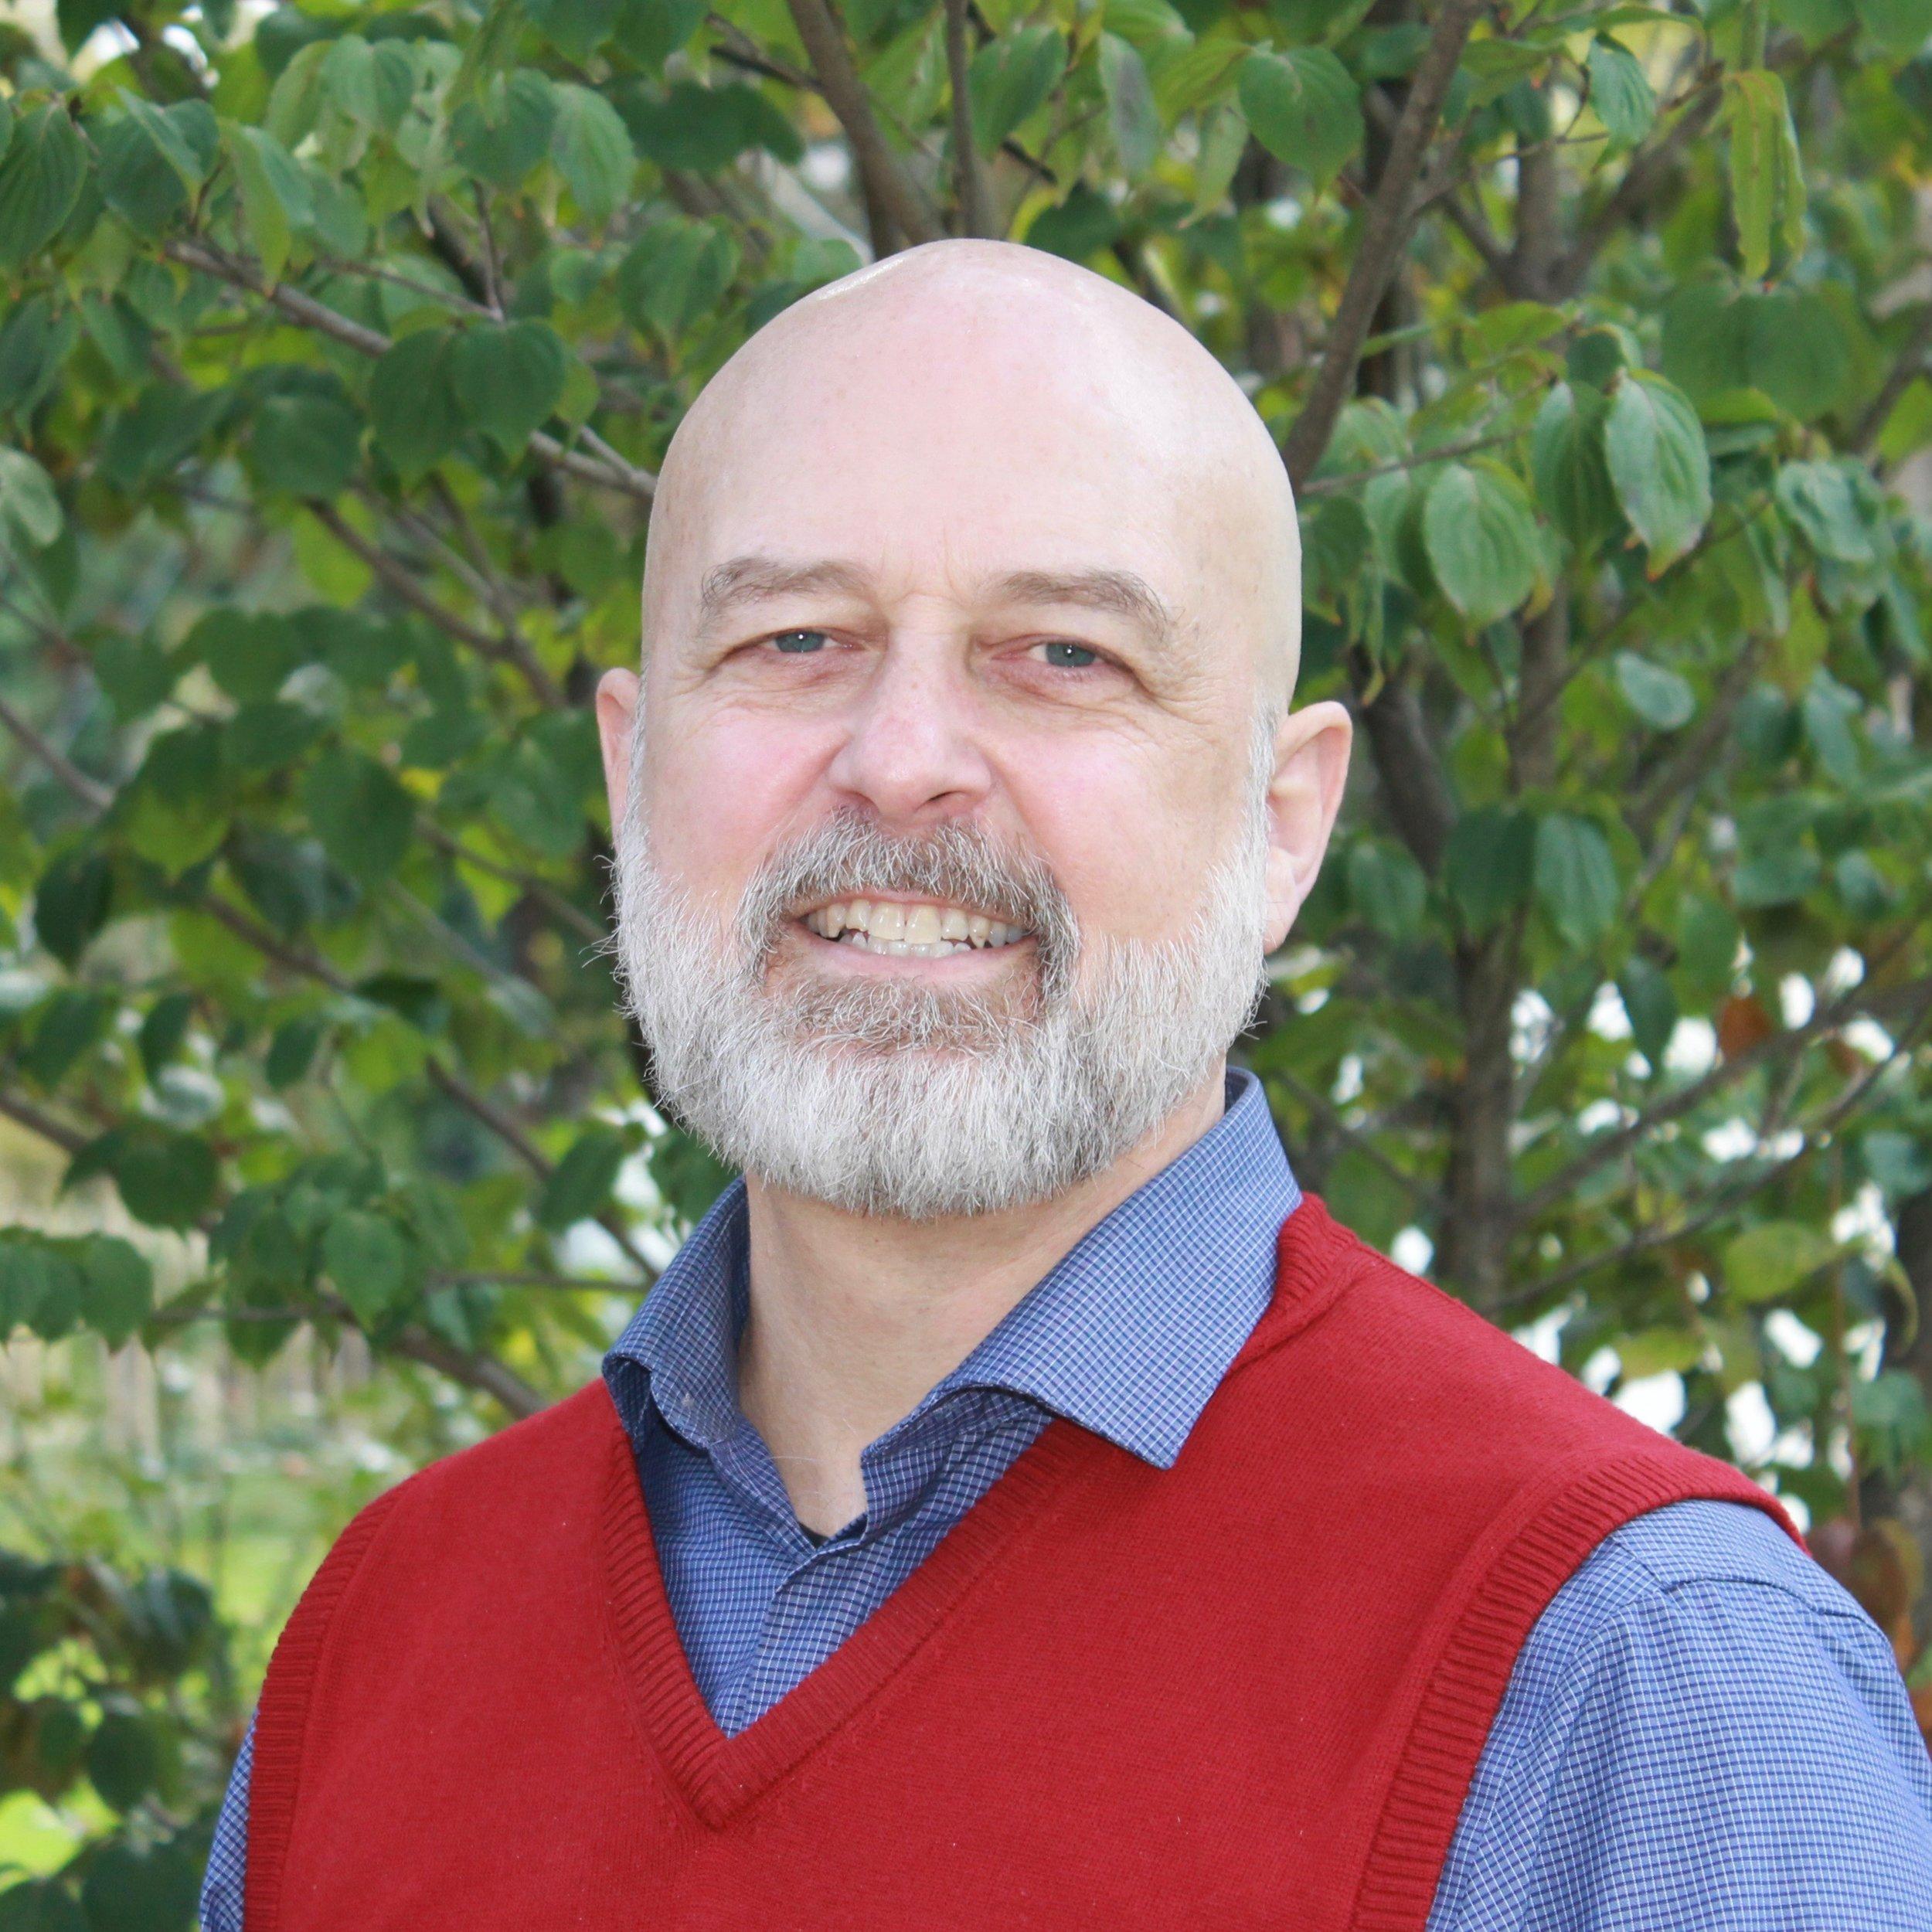 Bert Turner - Copley, Ohio, USAArea: Brazil